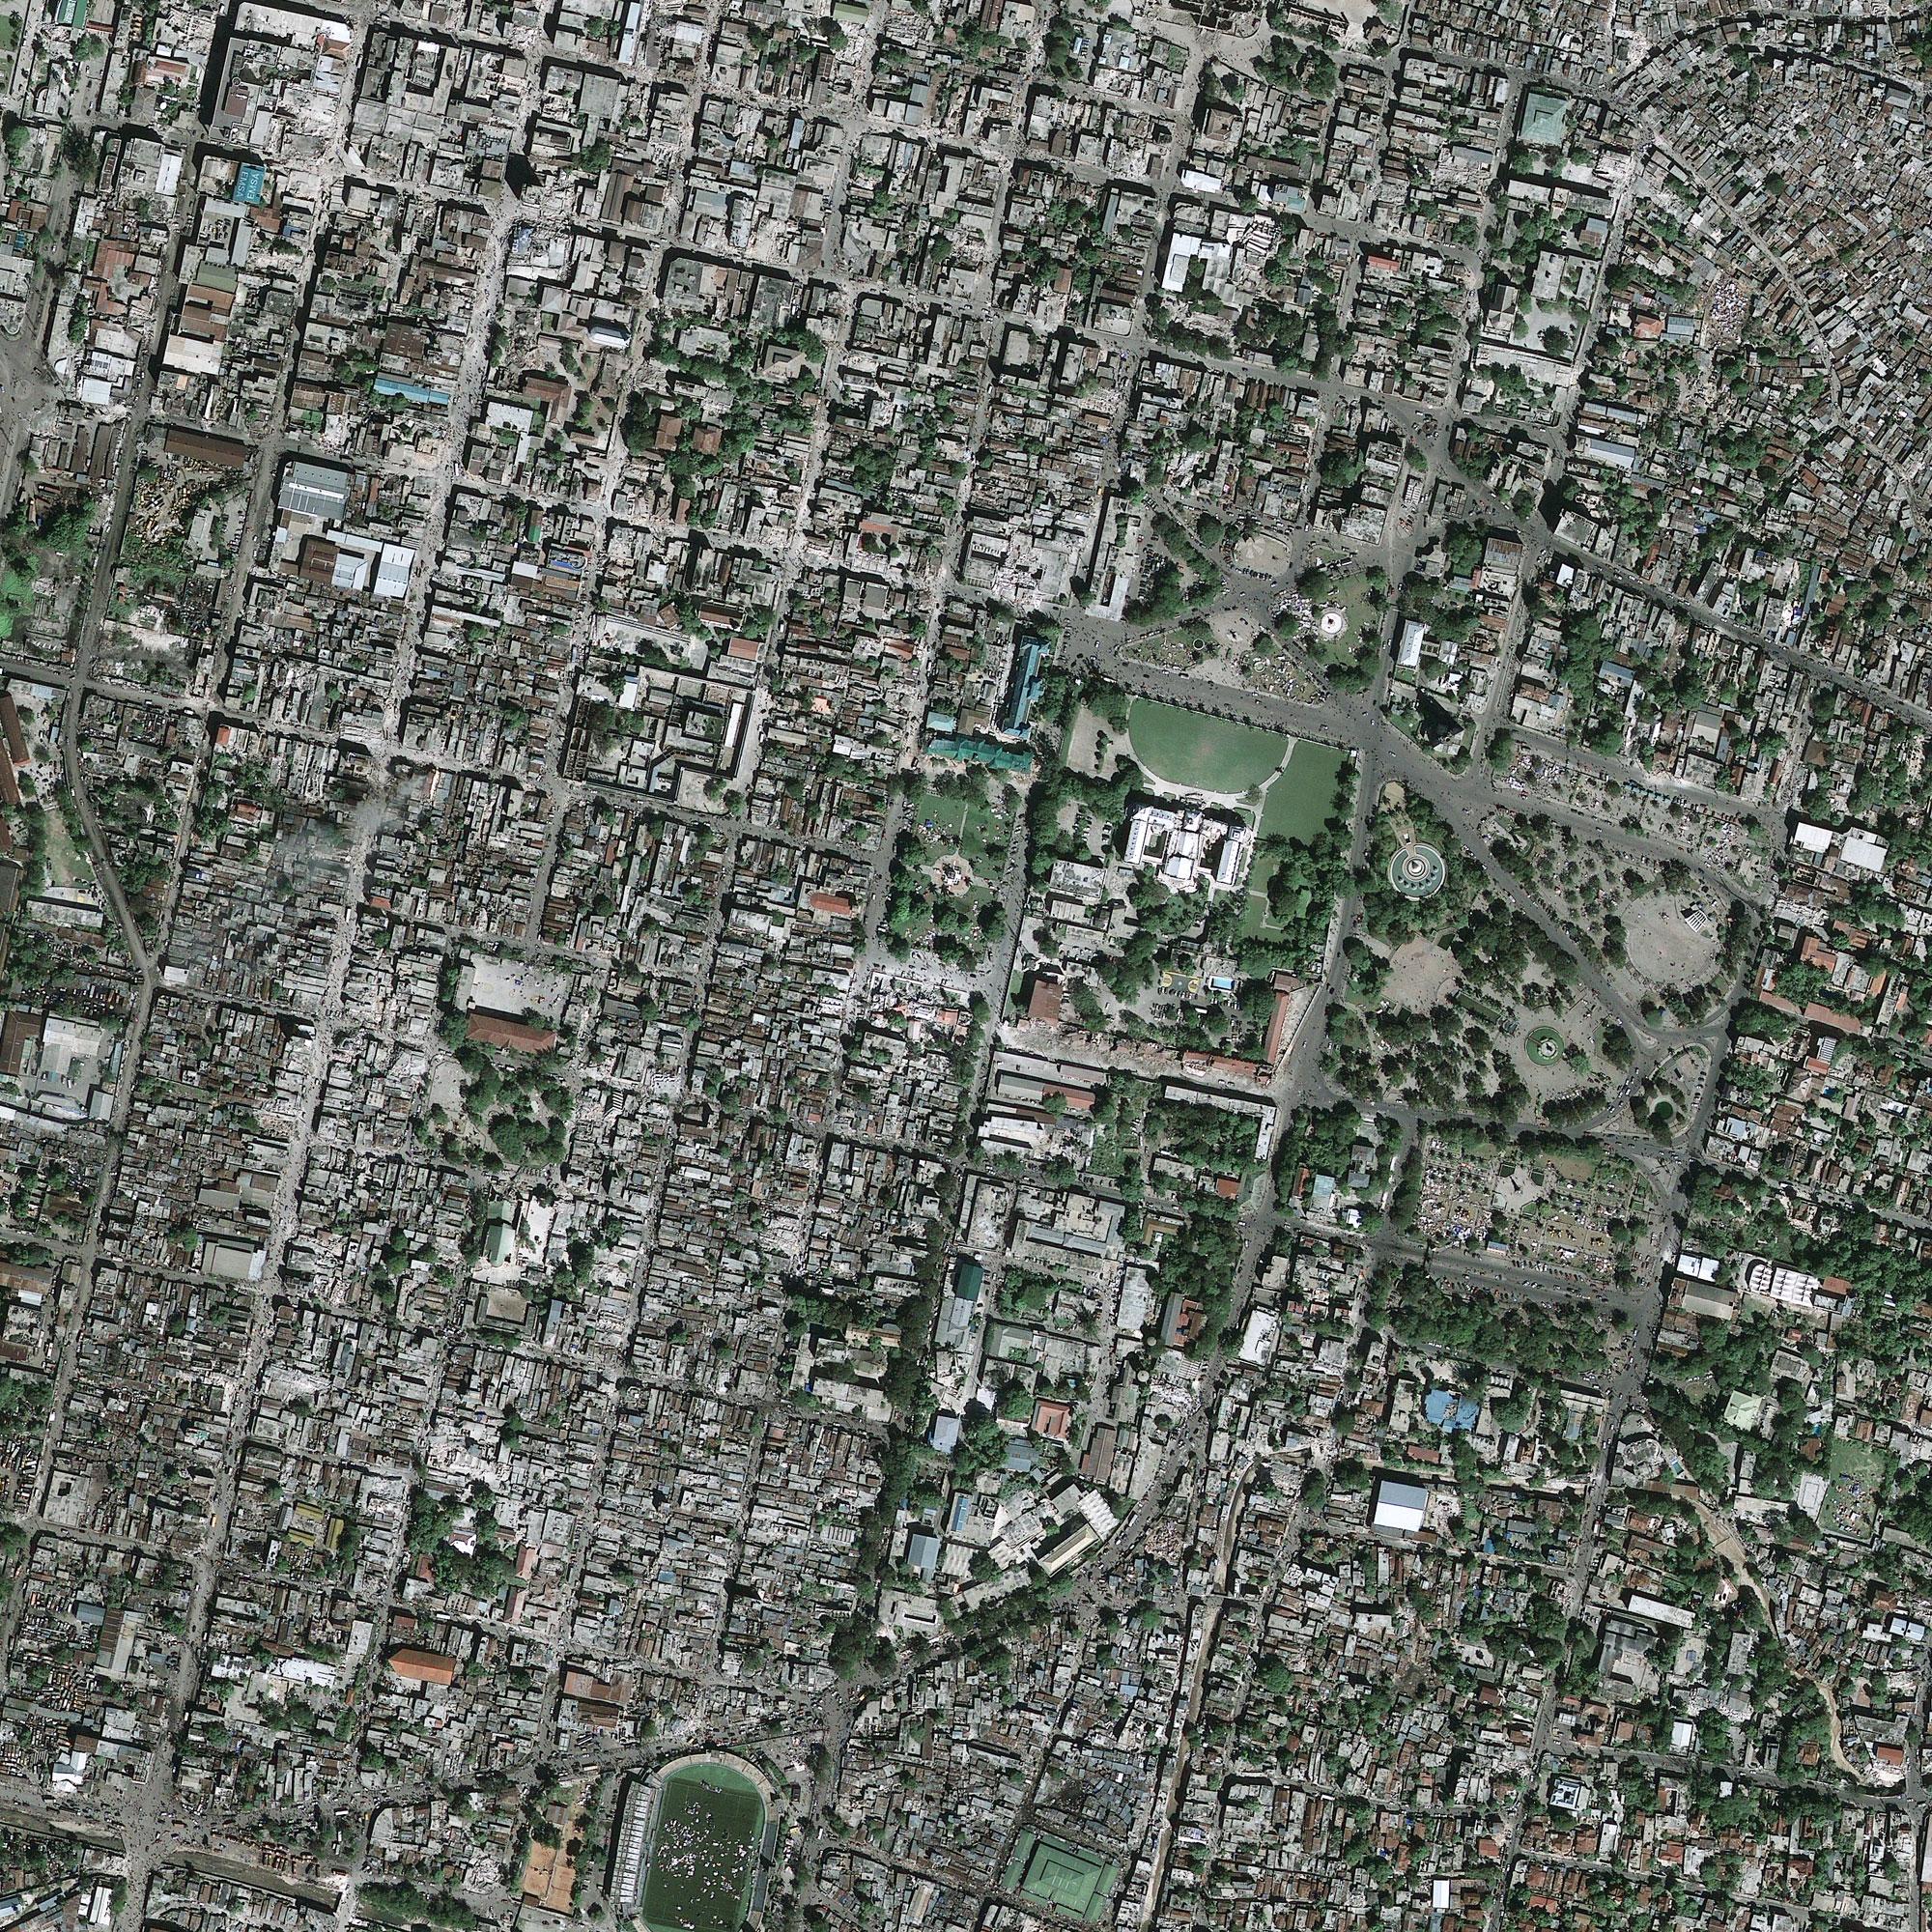 Haïti - Port-au-Prince après le séisme (13 janvier 2010)